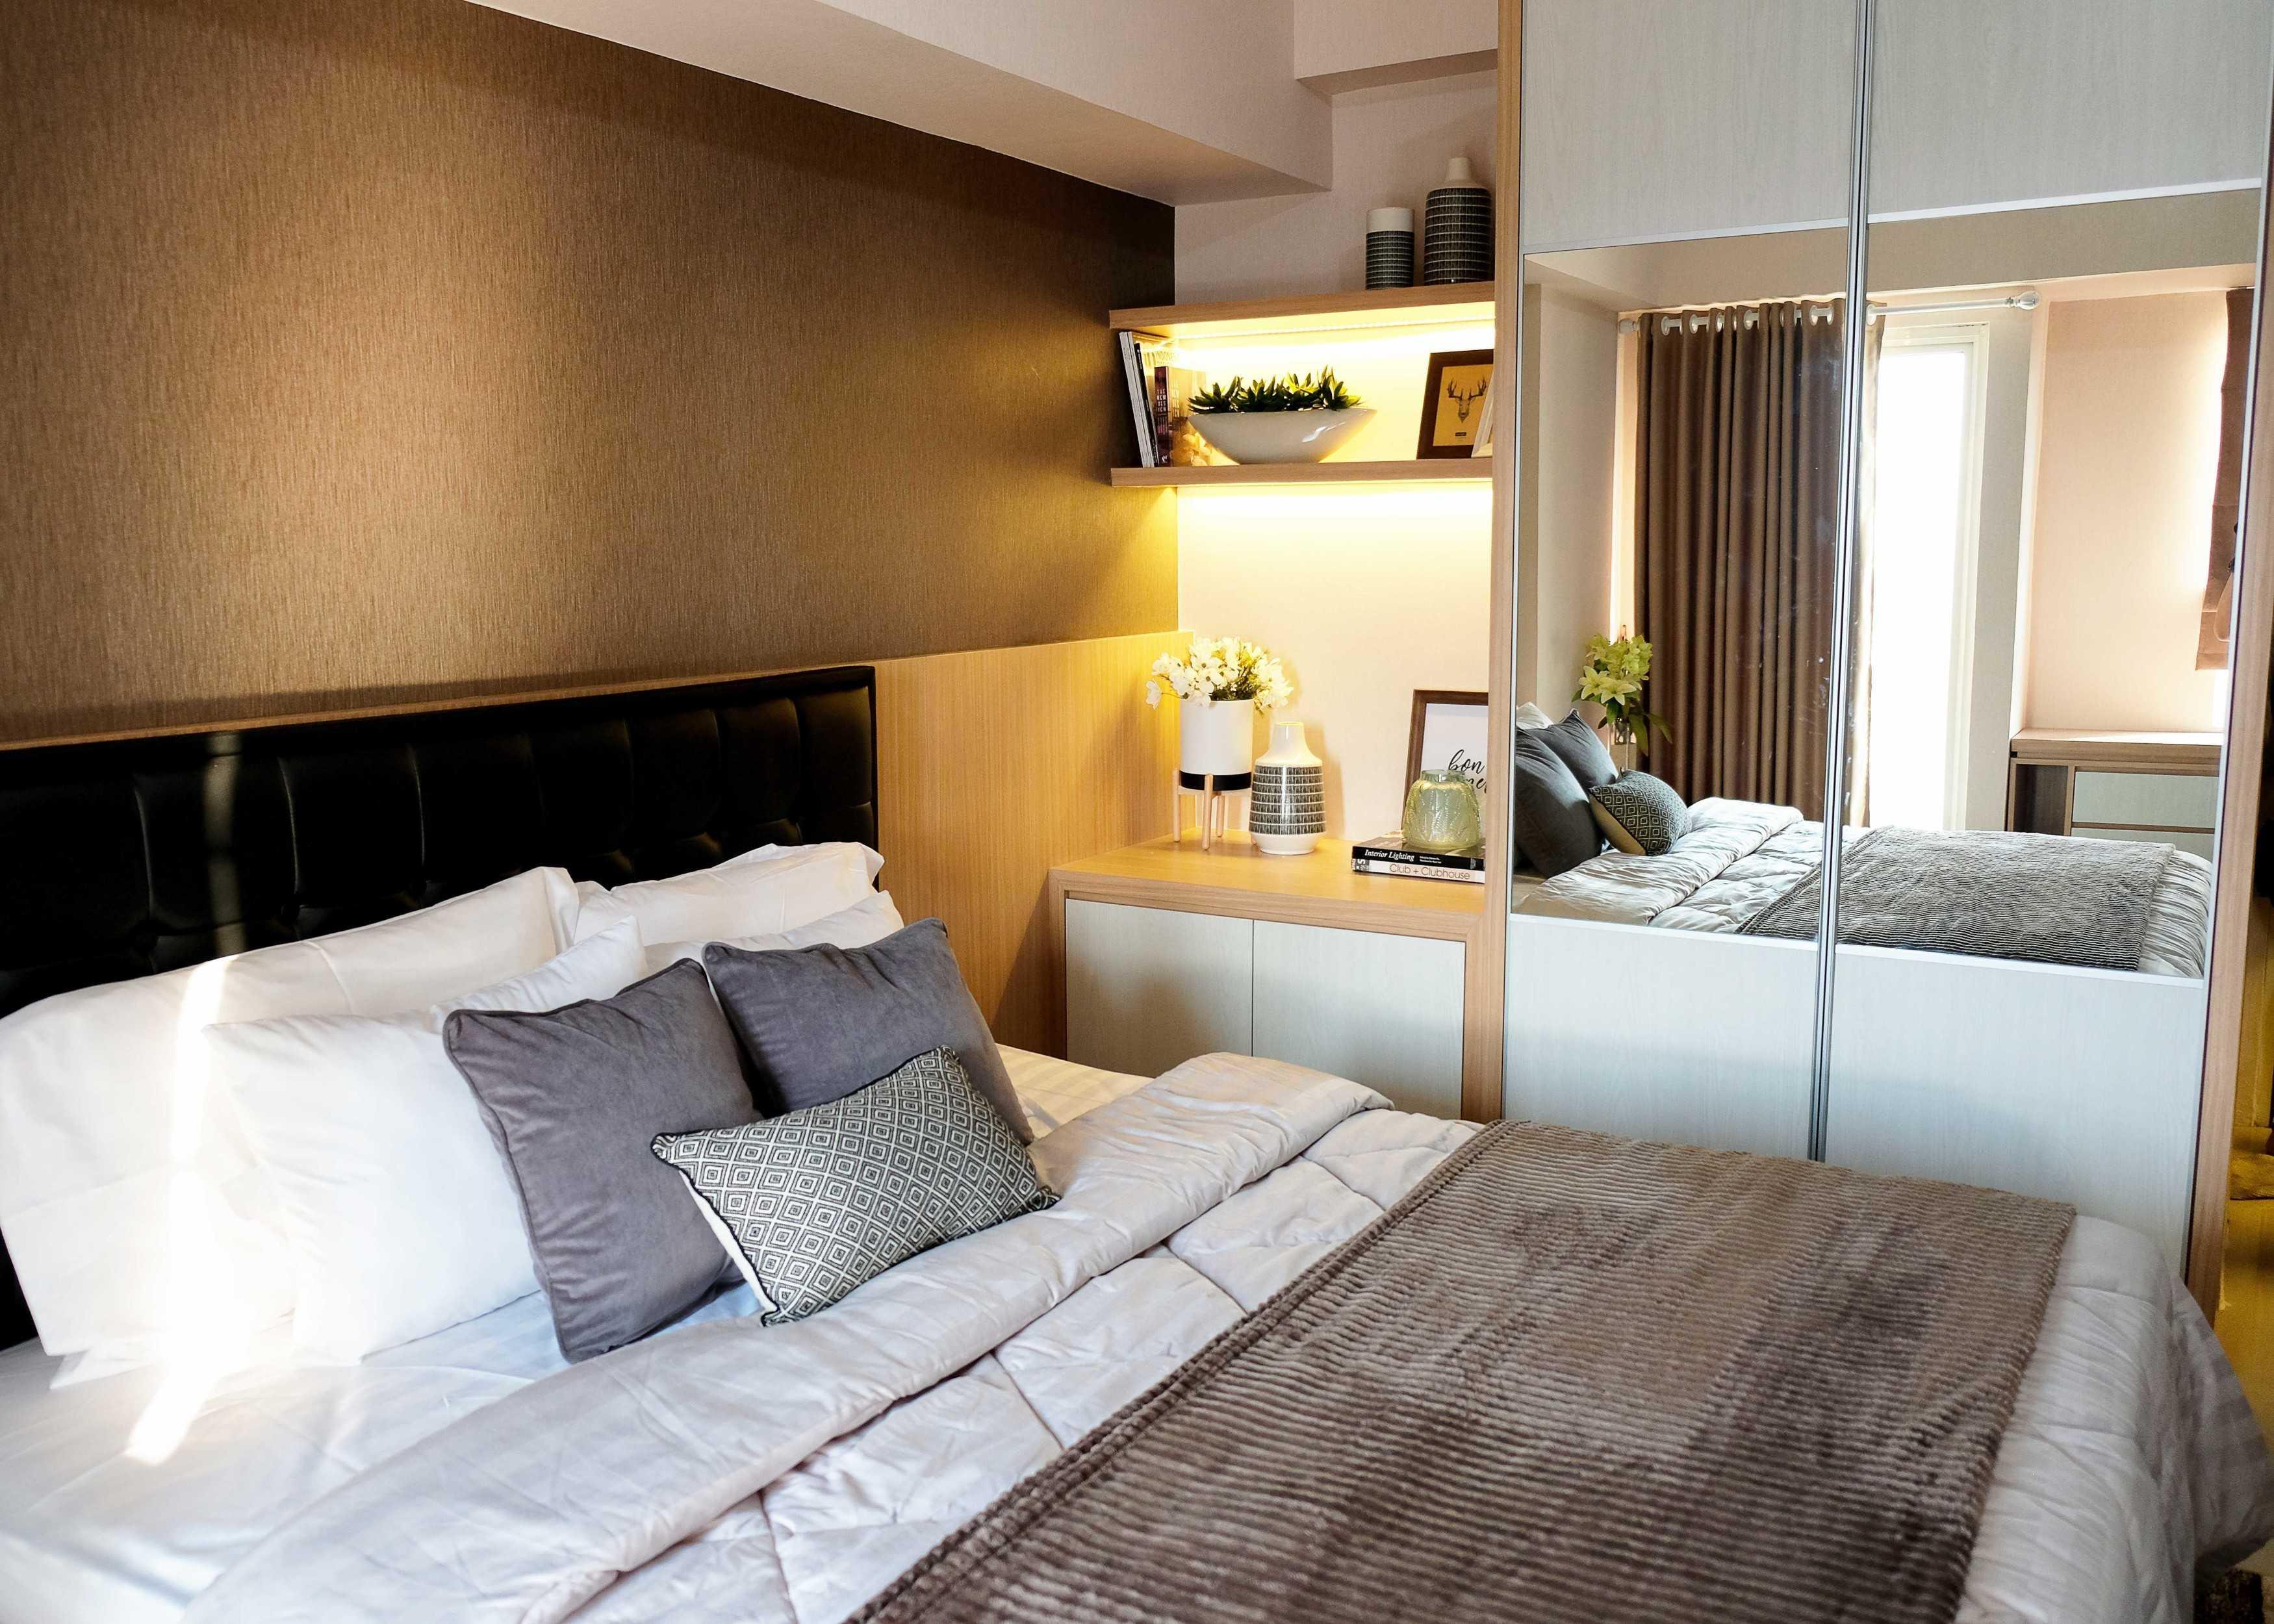 Equil Interior Tanglin Apartment Surabaya, Kota Sby, Jawa Timur, Indonesia Surabaya, Kota Sby, Jawa Timur, Indonesia Equil-Interior-Tanglin-Apartment   59467